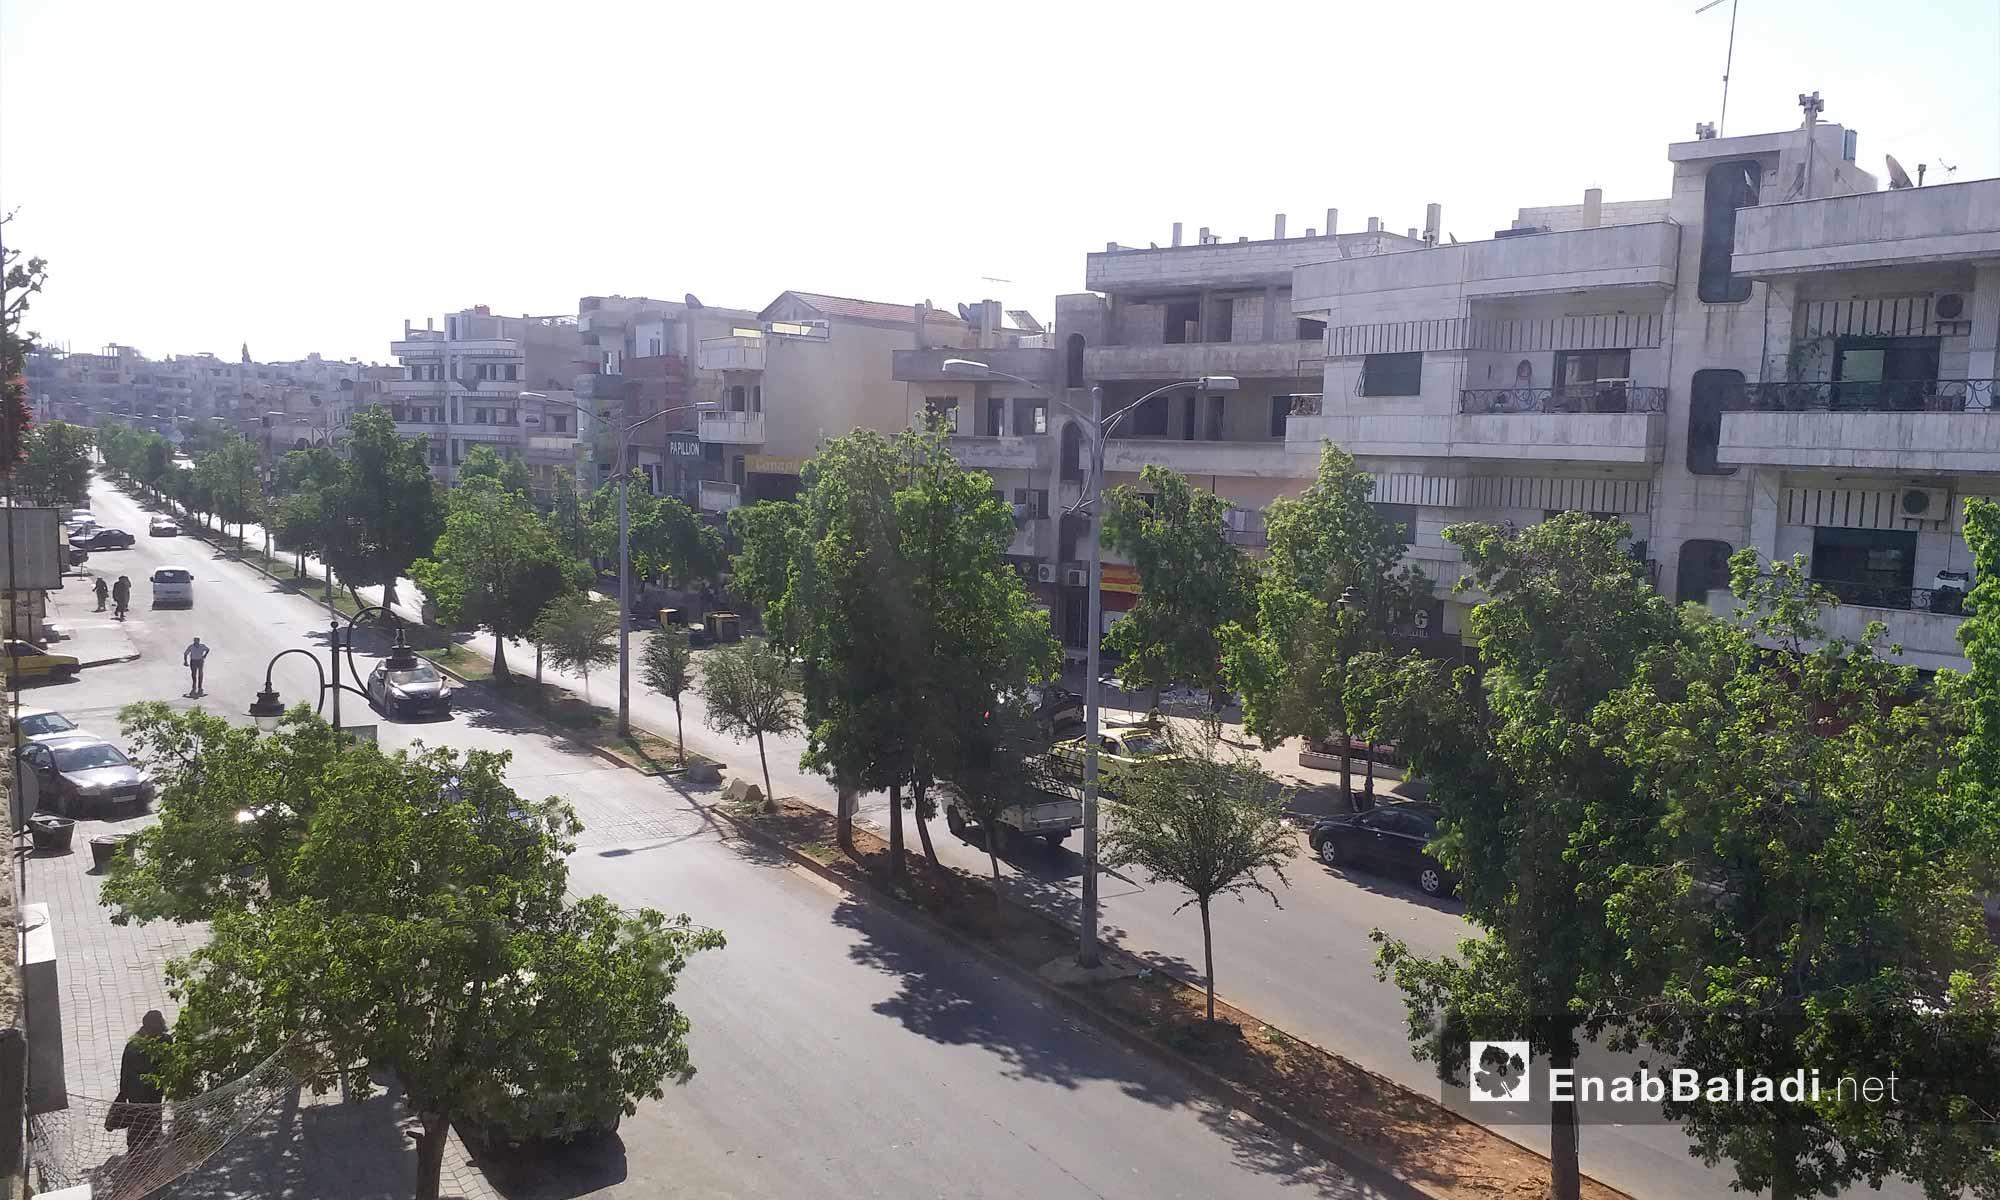 حي الحمرا في مدينة حمص - 19 من آب 2018 (عنب بلدي)